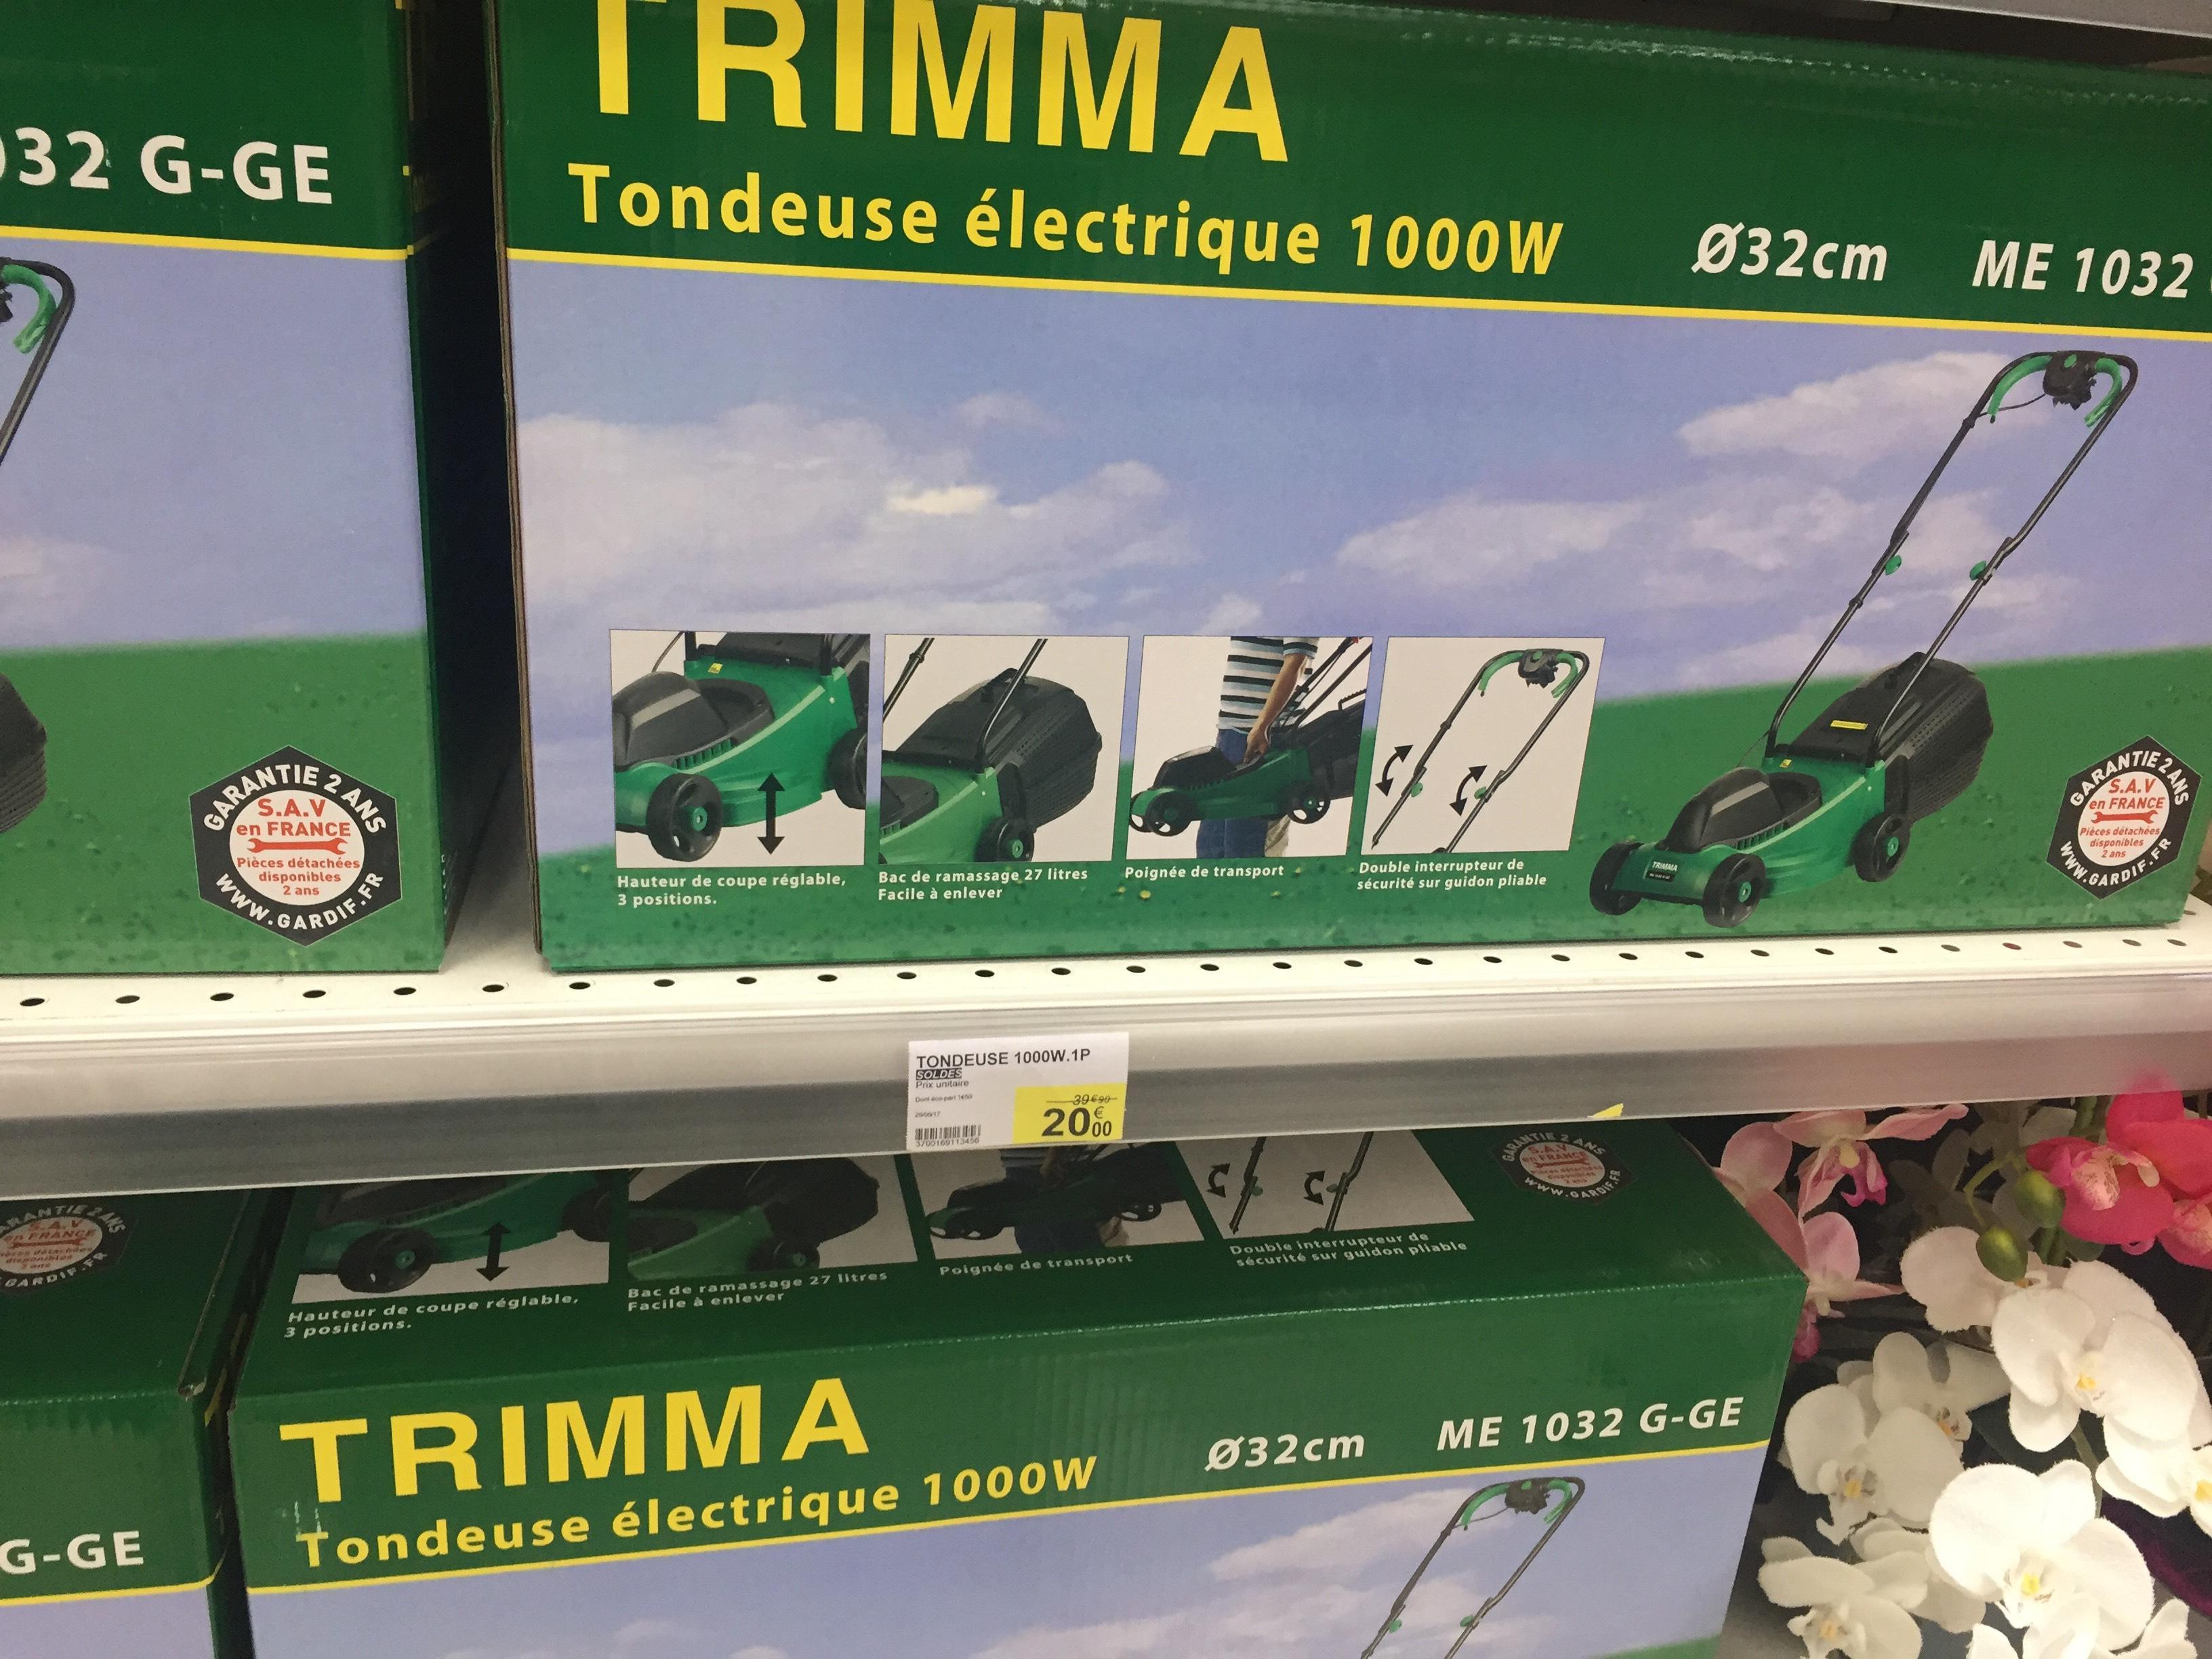 Tondeuse électrique TRIMMA - 1000W, 32cm de diamètre